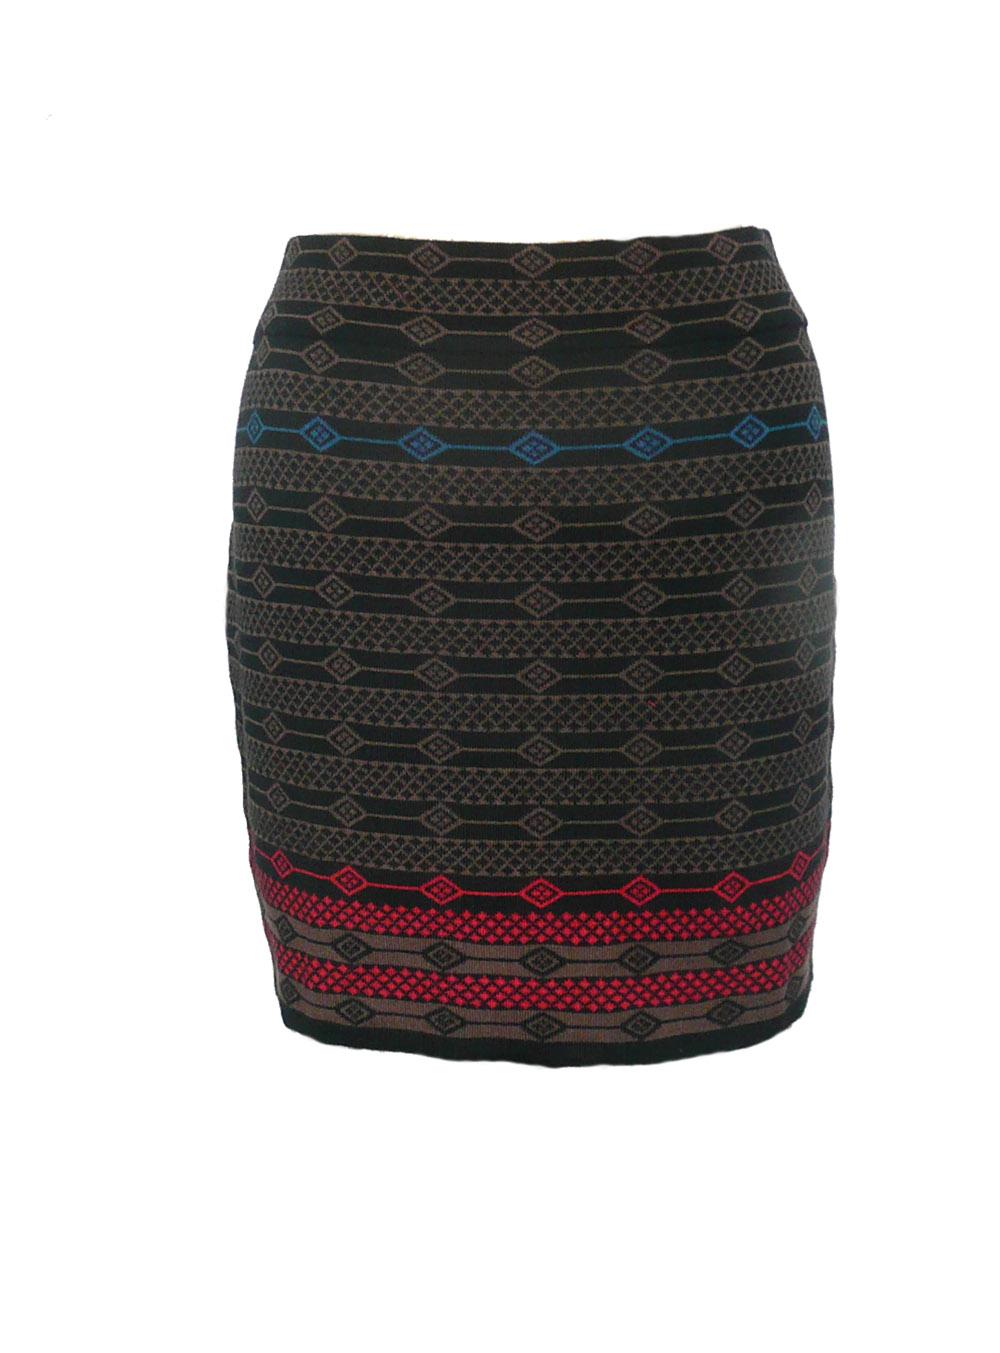 skt krimson pattern knit short.jpg